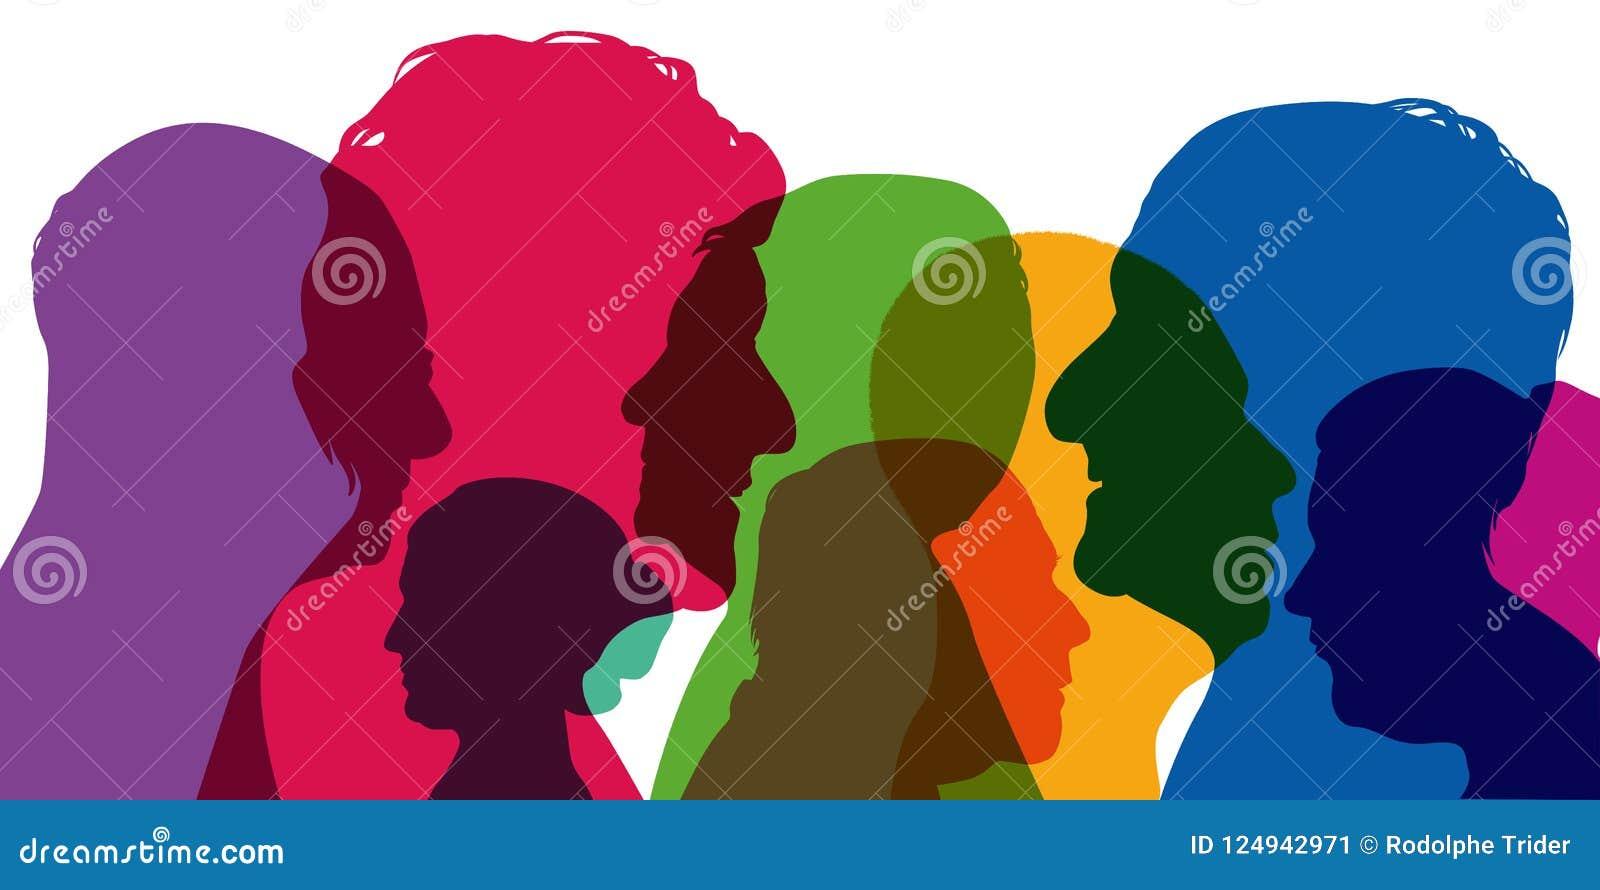 Έννοια της ποικιλομορφίας, με τις σκιαγραφίες στα χρώματα  παρουσίαση διαφορετικών σχεδιαγραμμάτων των νεαρών άνδρων και των γυνα